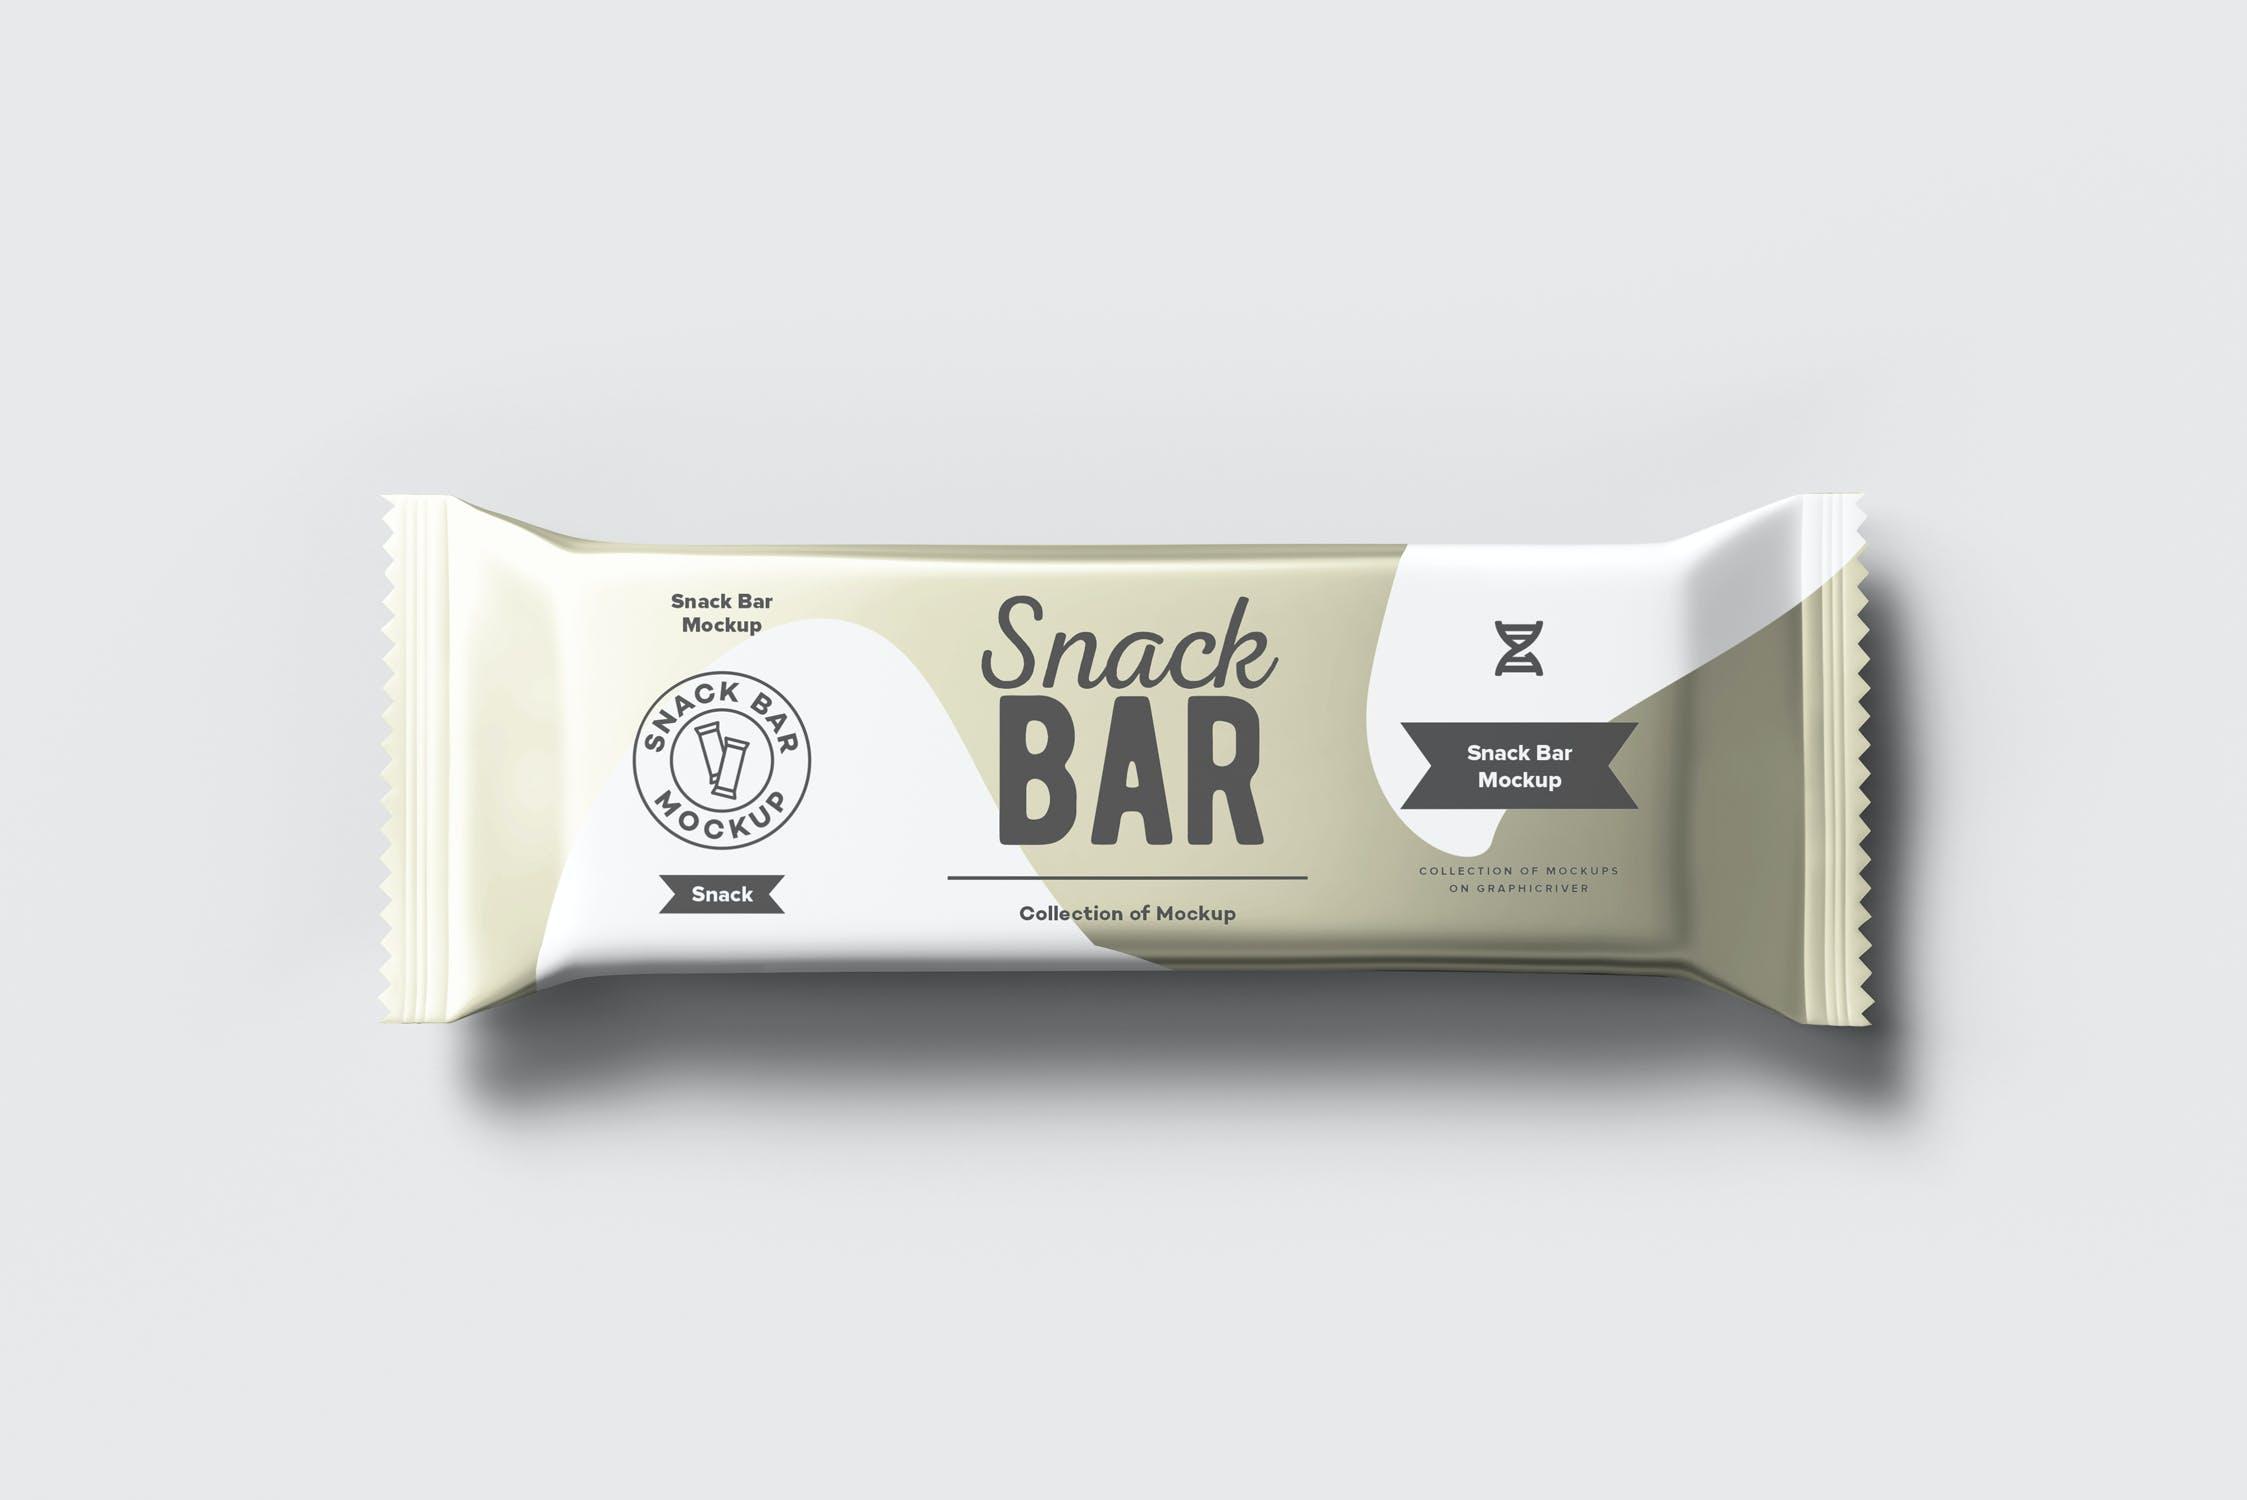 7款巧克力棒小零食塑料袋设计展示样机 Snack Bar Mockup插图(1)